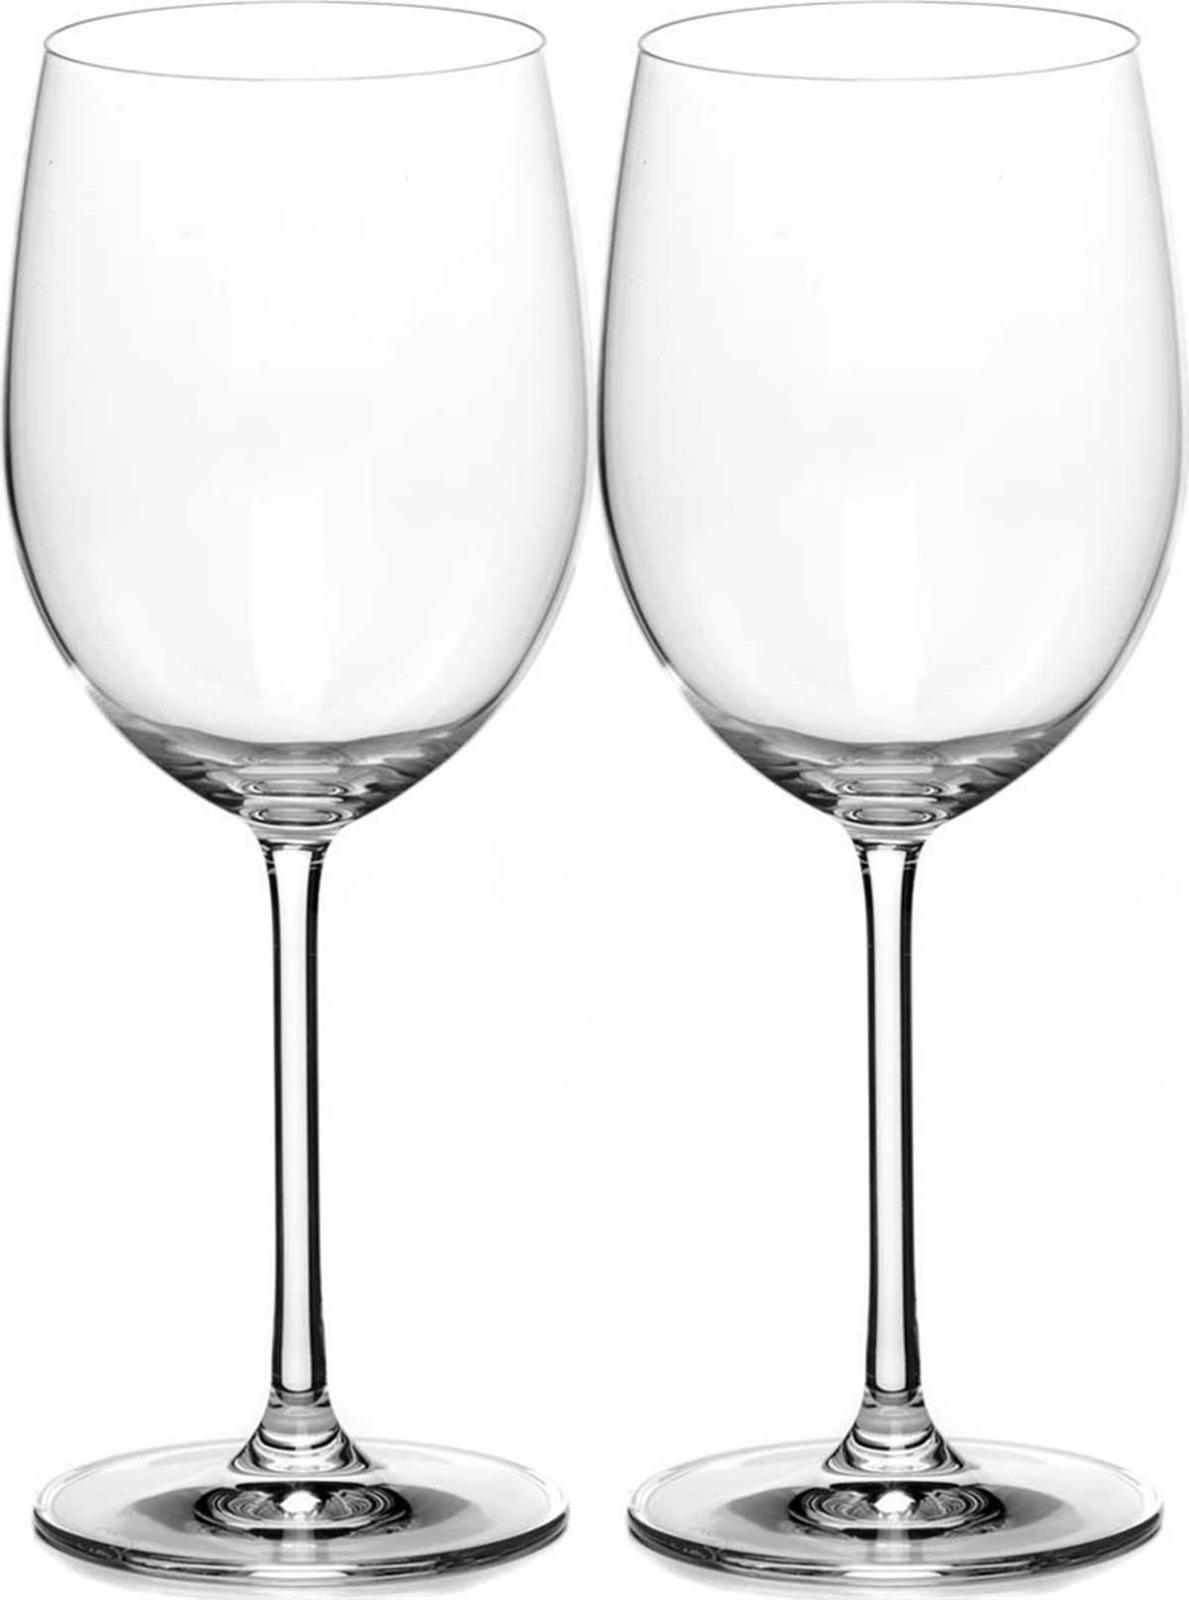 Набор бокалов Pasabahce Винтаж, 430 мл, 2 шт набор соусников pasabahce basic 2 шт